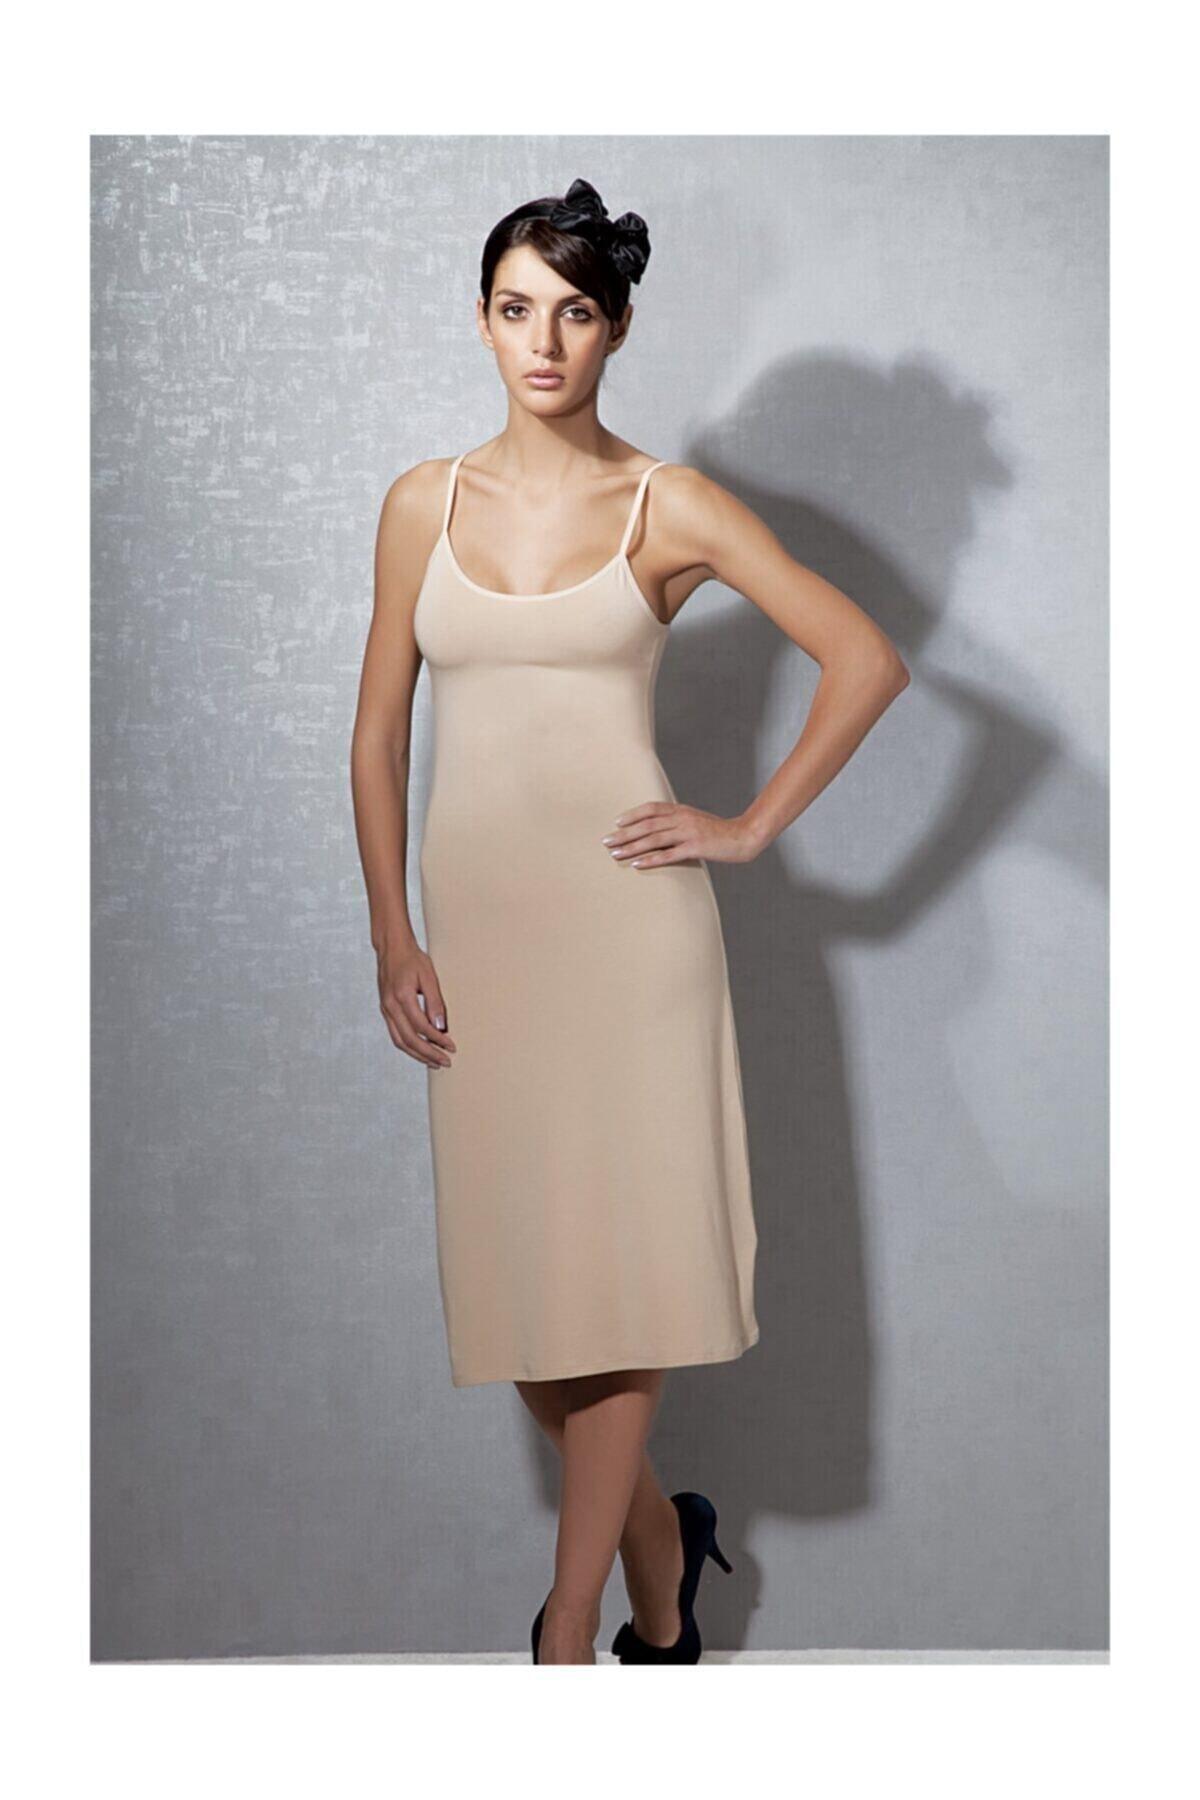 Doreanse Kadın Modal Ten Askılı Jüpon Kombinezon 11129 1